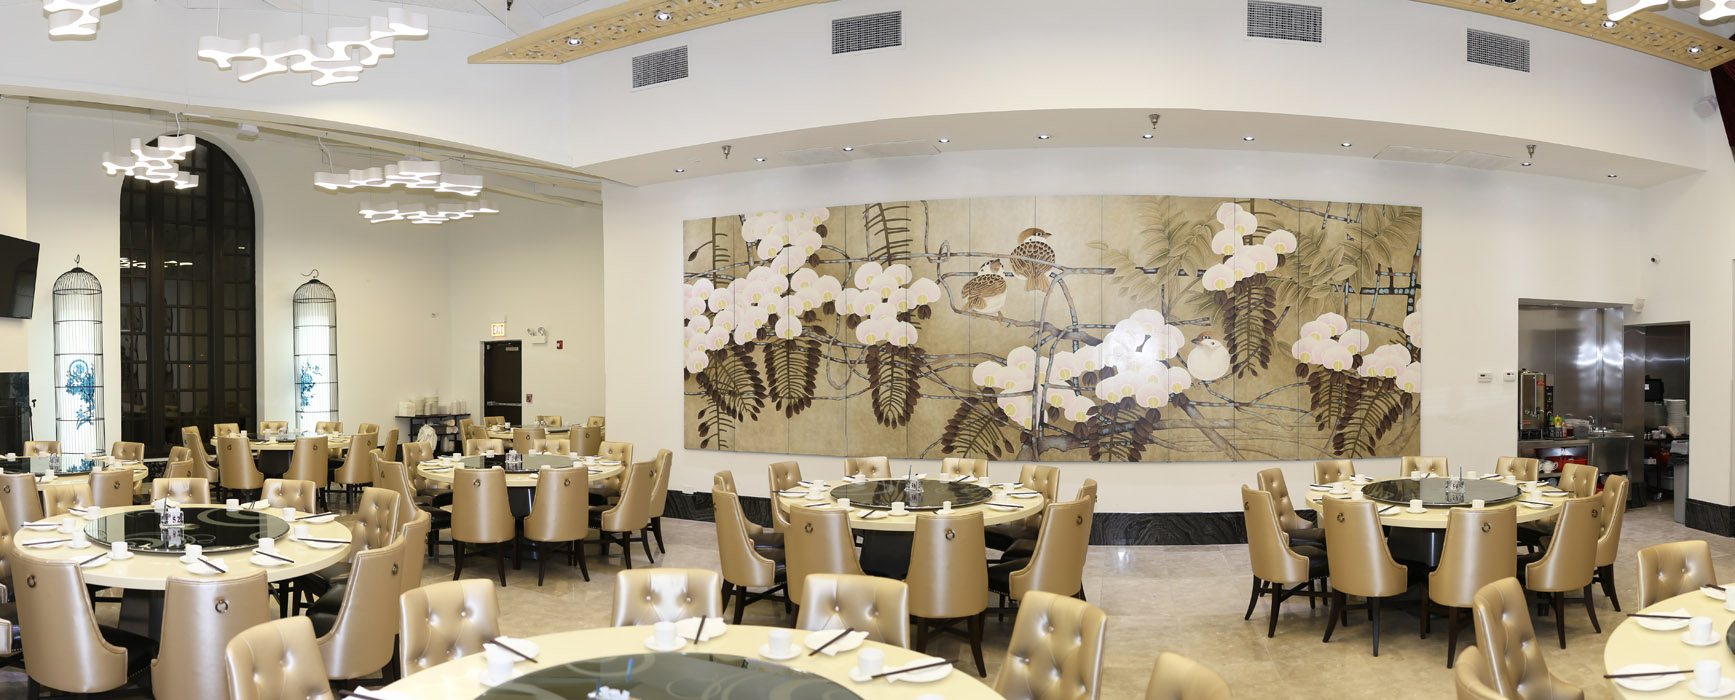 Official Site - MingHin Cuisine (明軒 芝加哥), Order Online ...